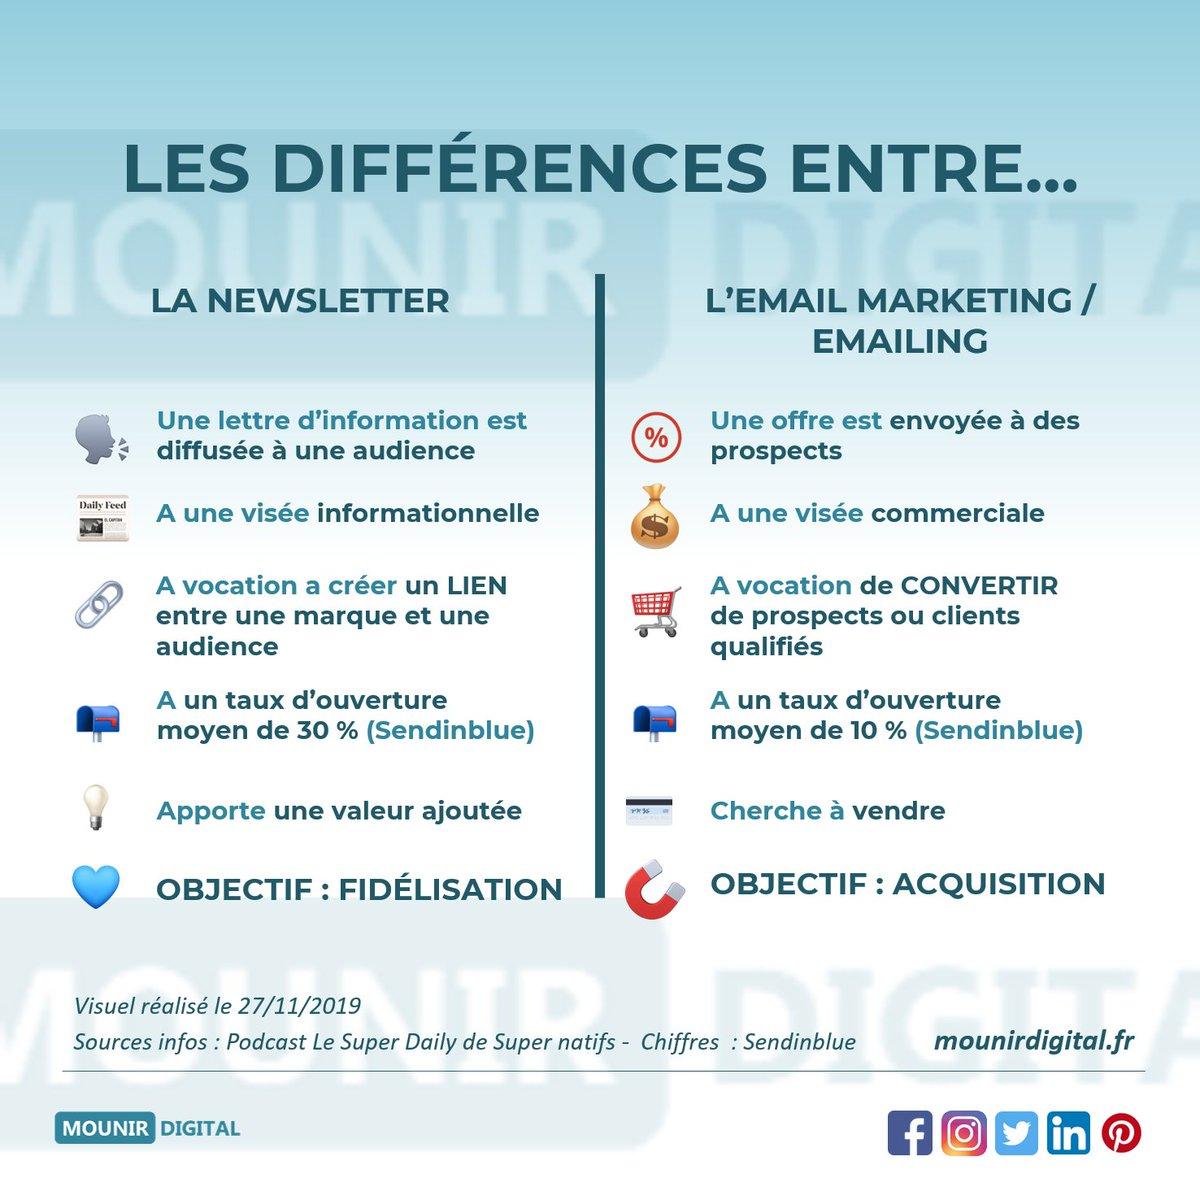 """Mounir Digital 💻 on Twitter: """"🆕 #NEWSLETTER & #EMAILING : QUELLES  DIFFÉRENCES ? 🤔 On confond souvent les deux, mais ils sont différents. En  écoutant le #superdaily de @supernatifs l' #infographie a"""